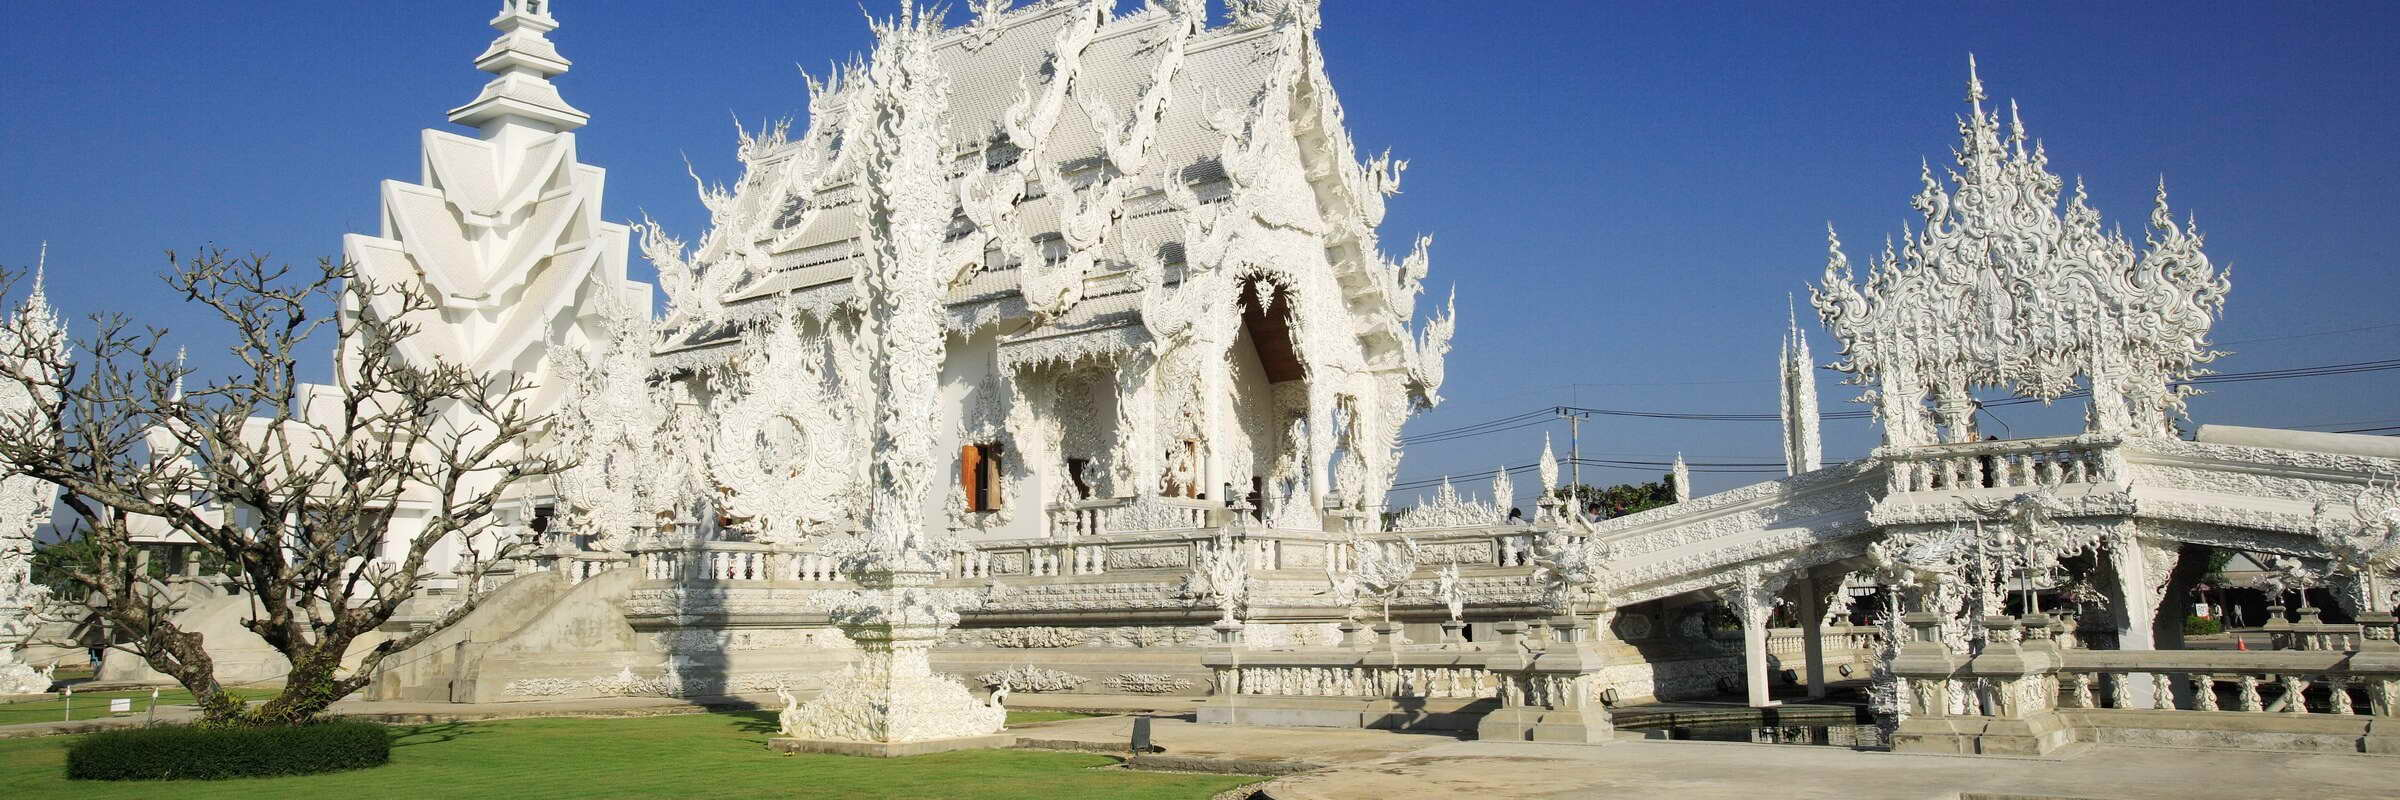 Der noch einige Jahrzehnte andauernde Bau des Wat Rong Khun (Weißer Tempel) begann 1997 und wird ausschließlich durch Spenden finanziert.